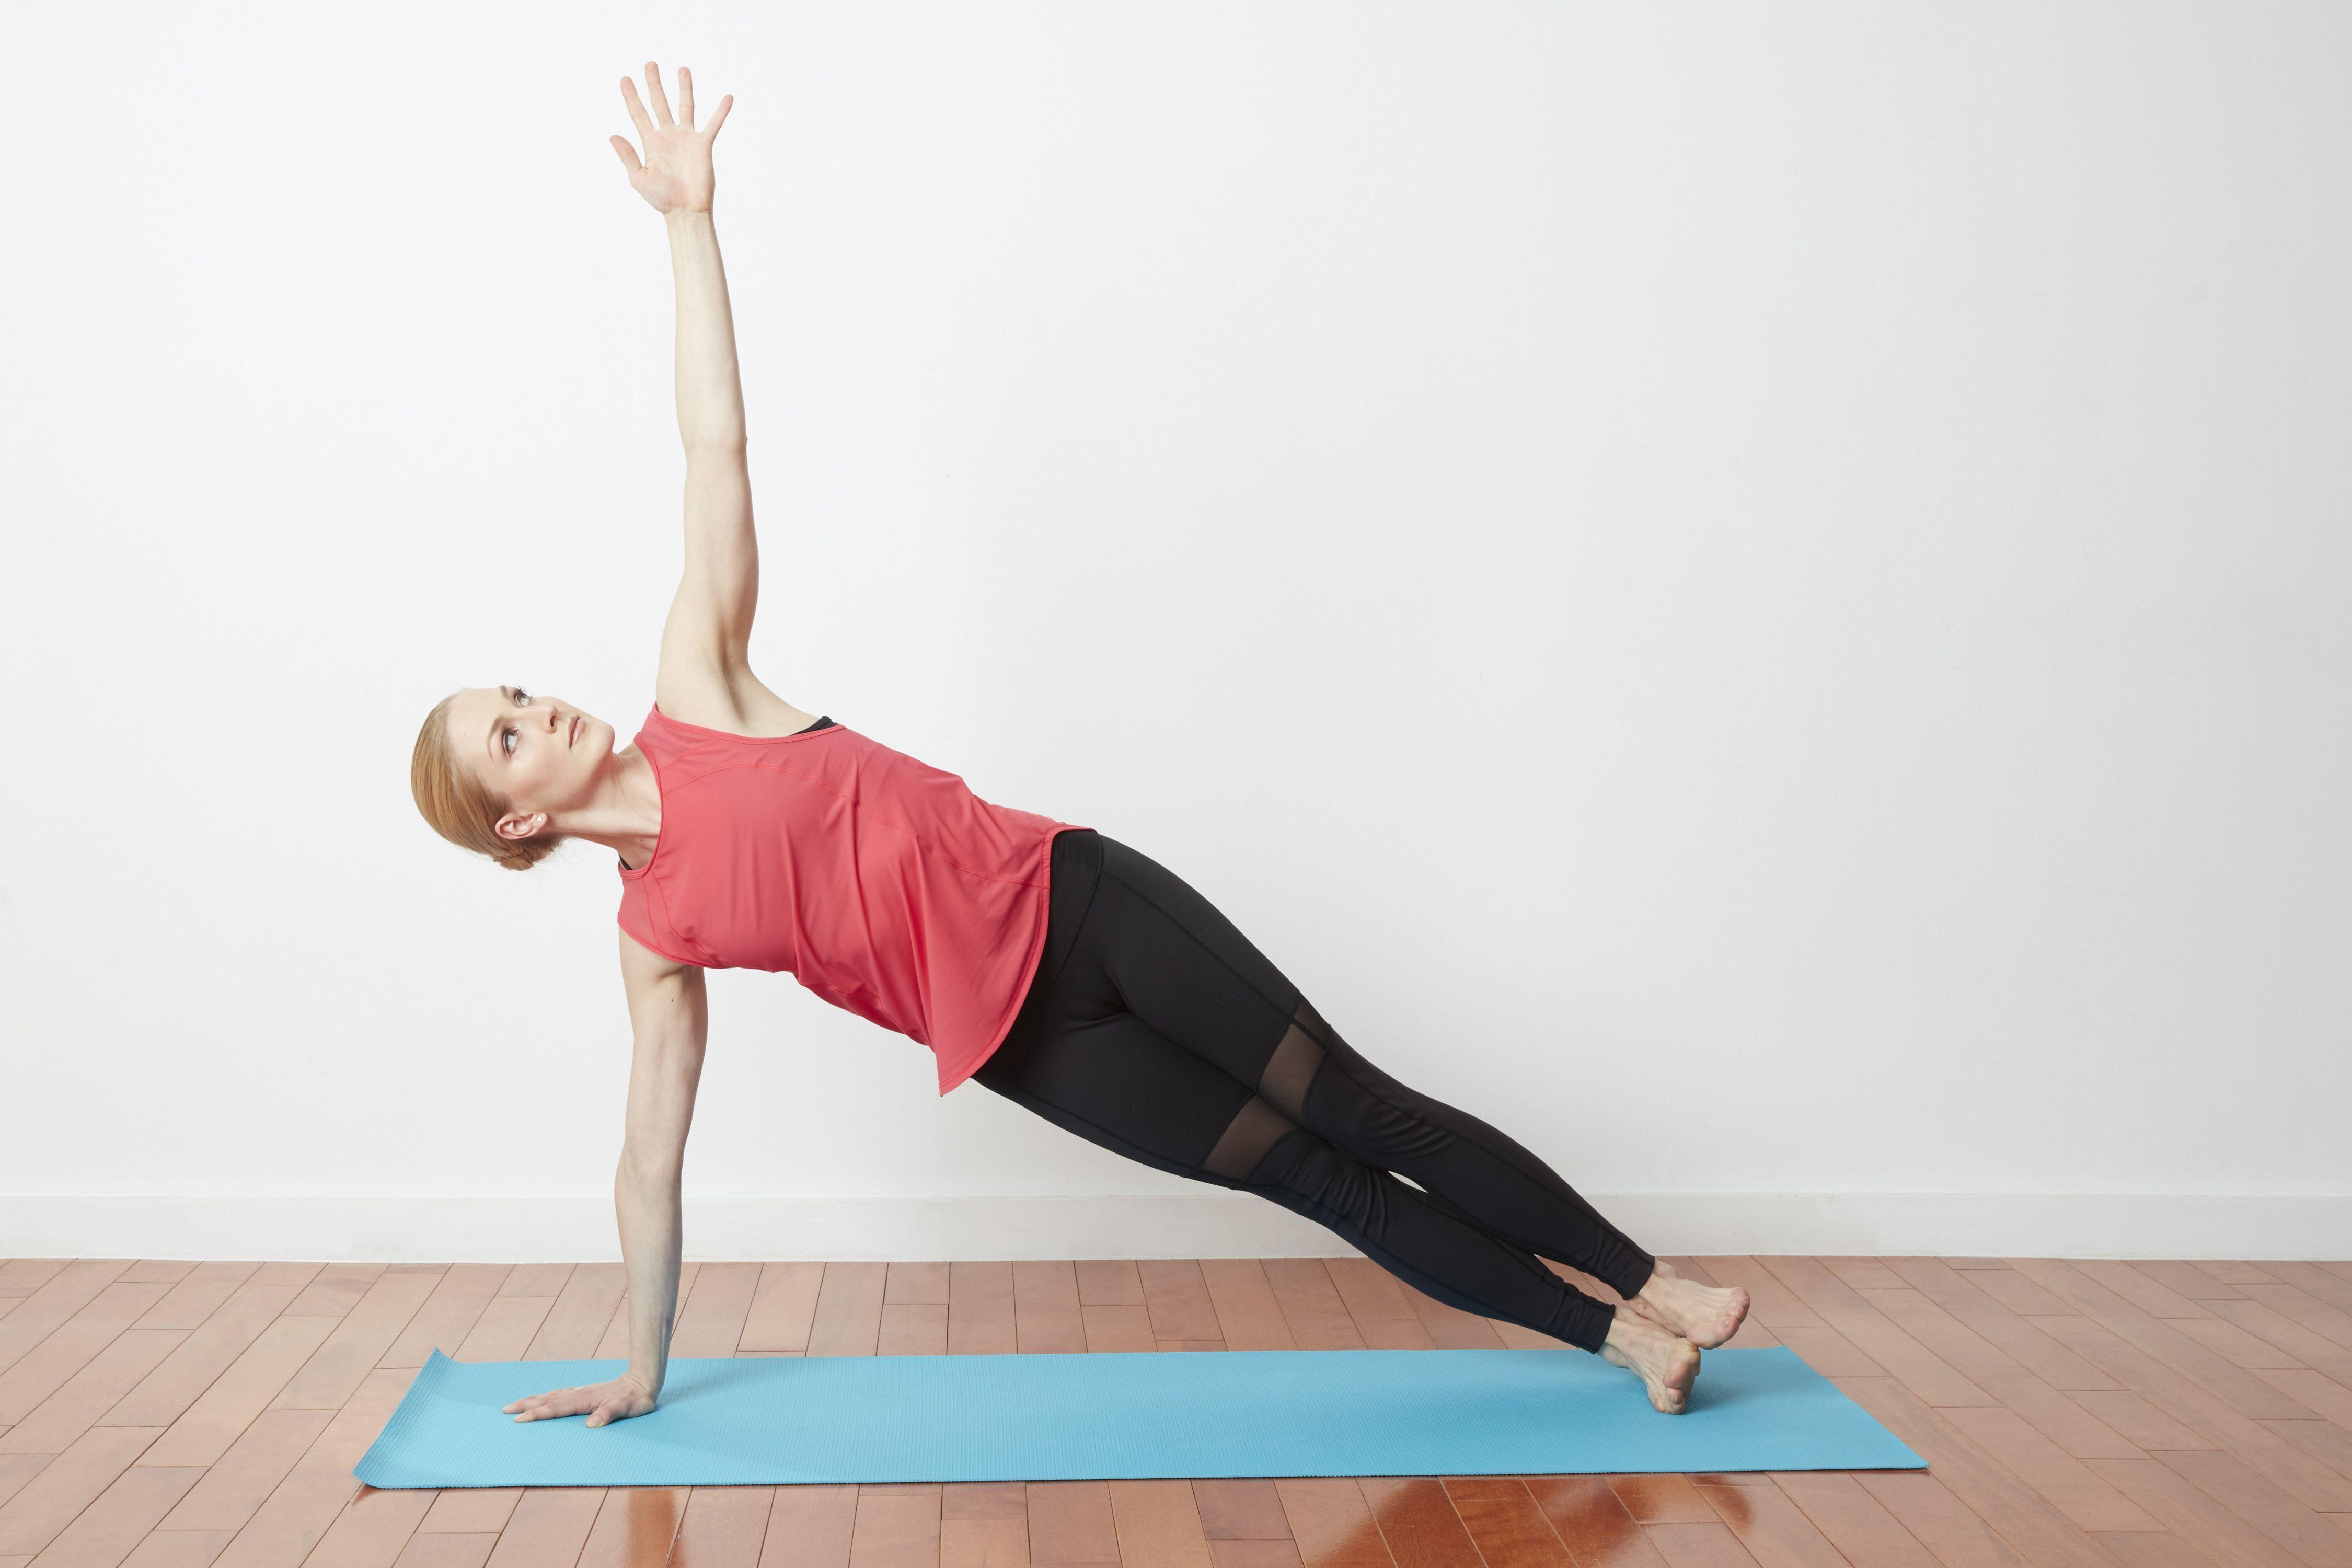 Top 8 bài tập thể dục giảm mở bụng toàn thân tại nhà cho mấy chế - ảnh 4.